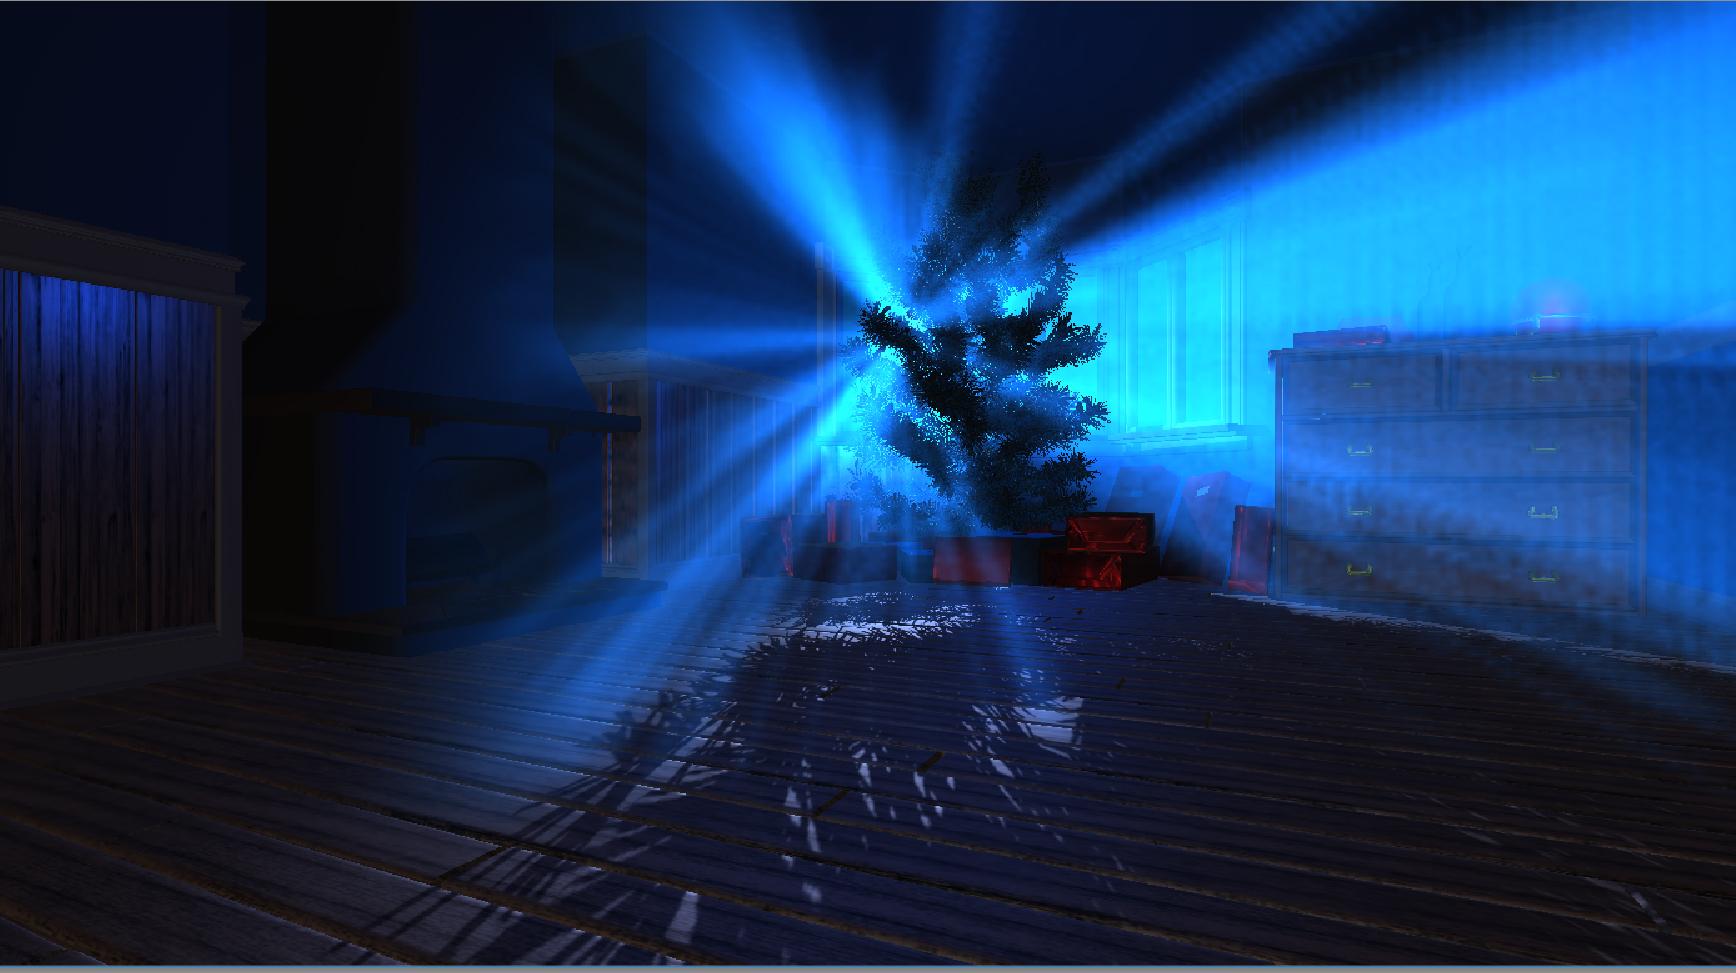 Interior_fog2.jpg